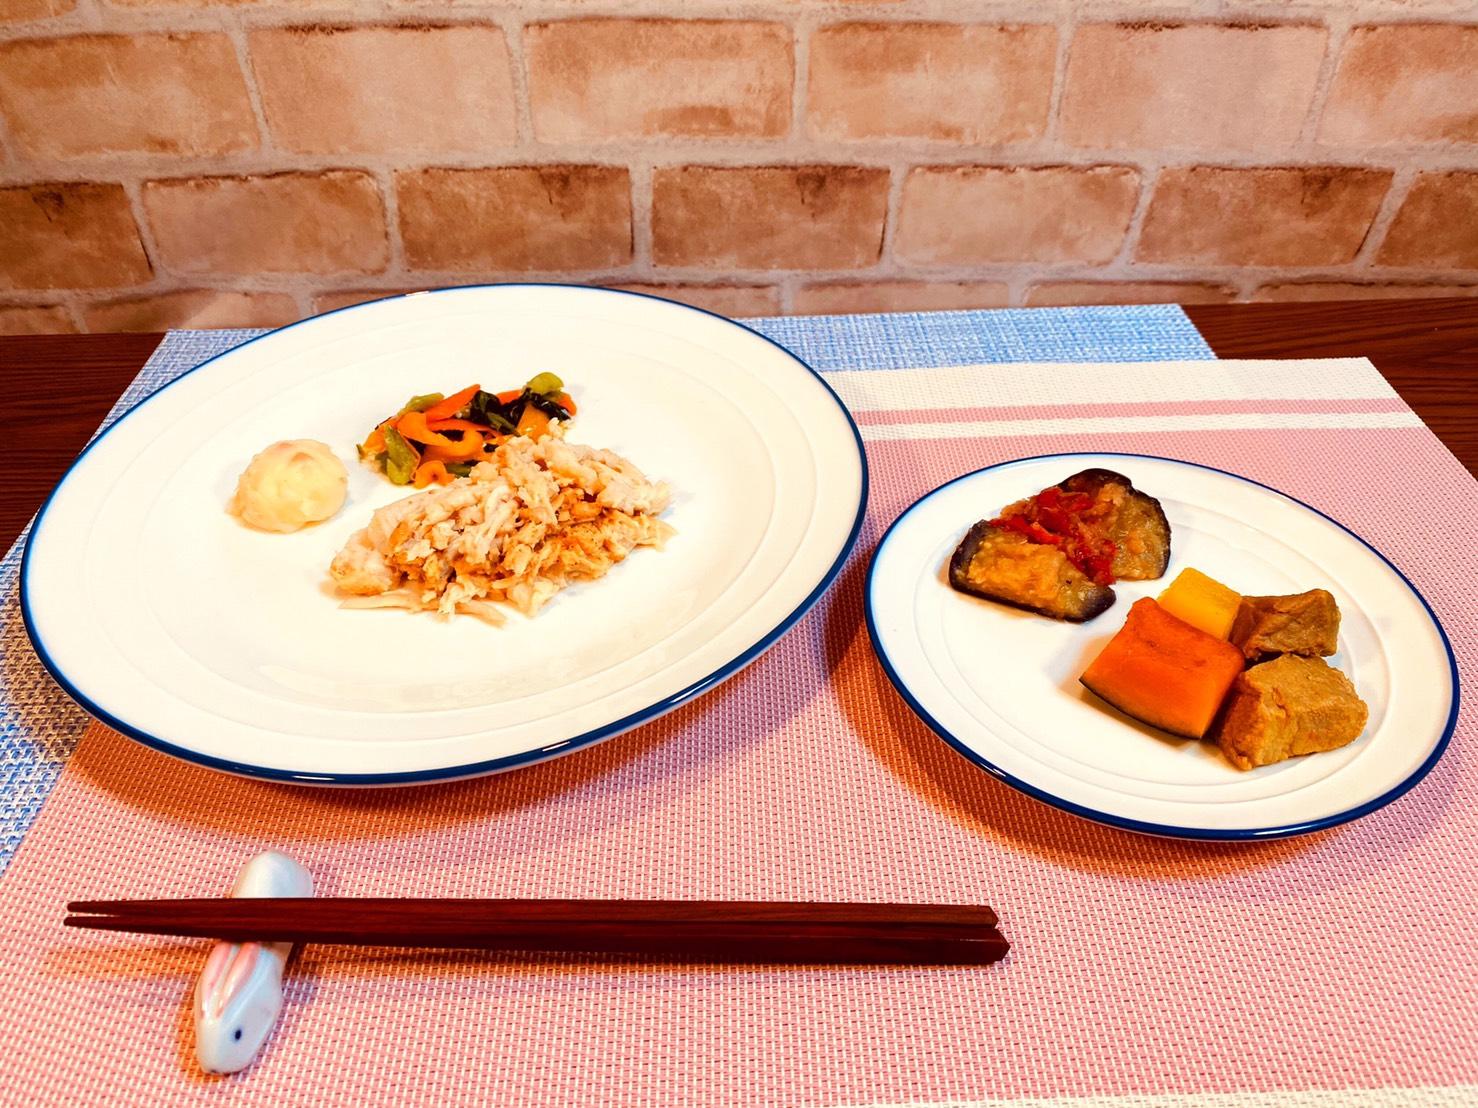 (メニューの一例)バンバンジー、豚肉と野菜の煮物、揚げナスのポン酢おろしかけ、ポテトサラダ